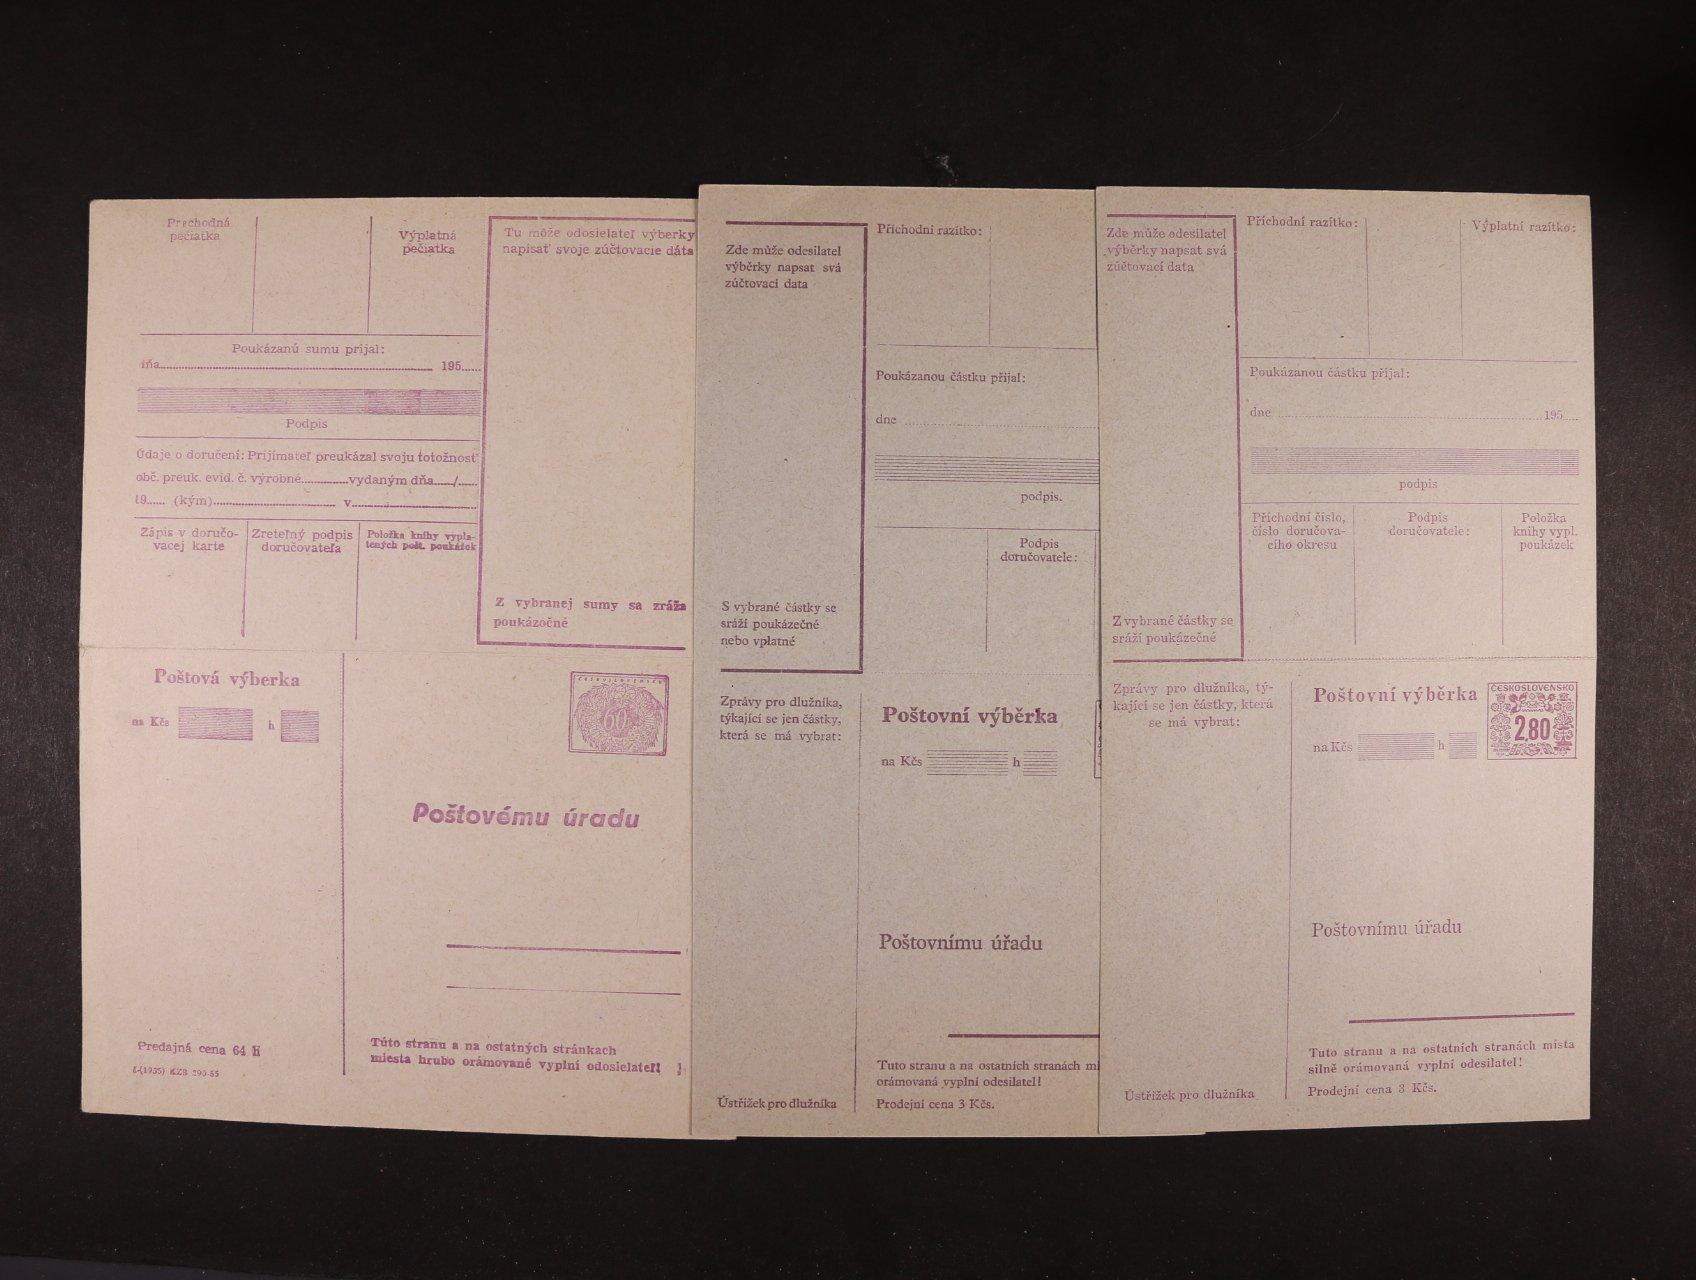 CPV č. 20 - CPV 38 - sestava 15 ks pošt. výběrek, nepoužité, kat. cena 7000 Kč